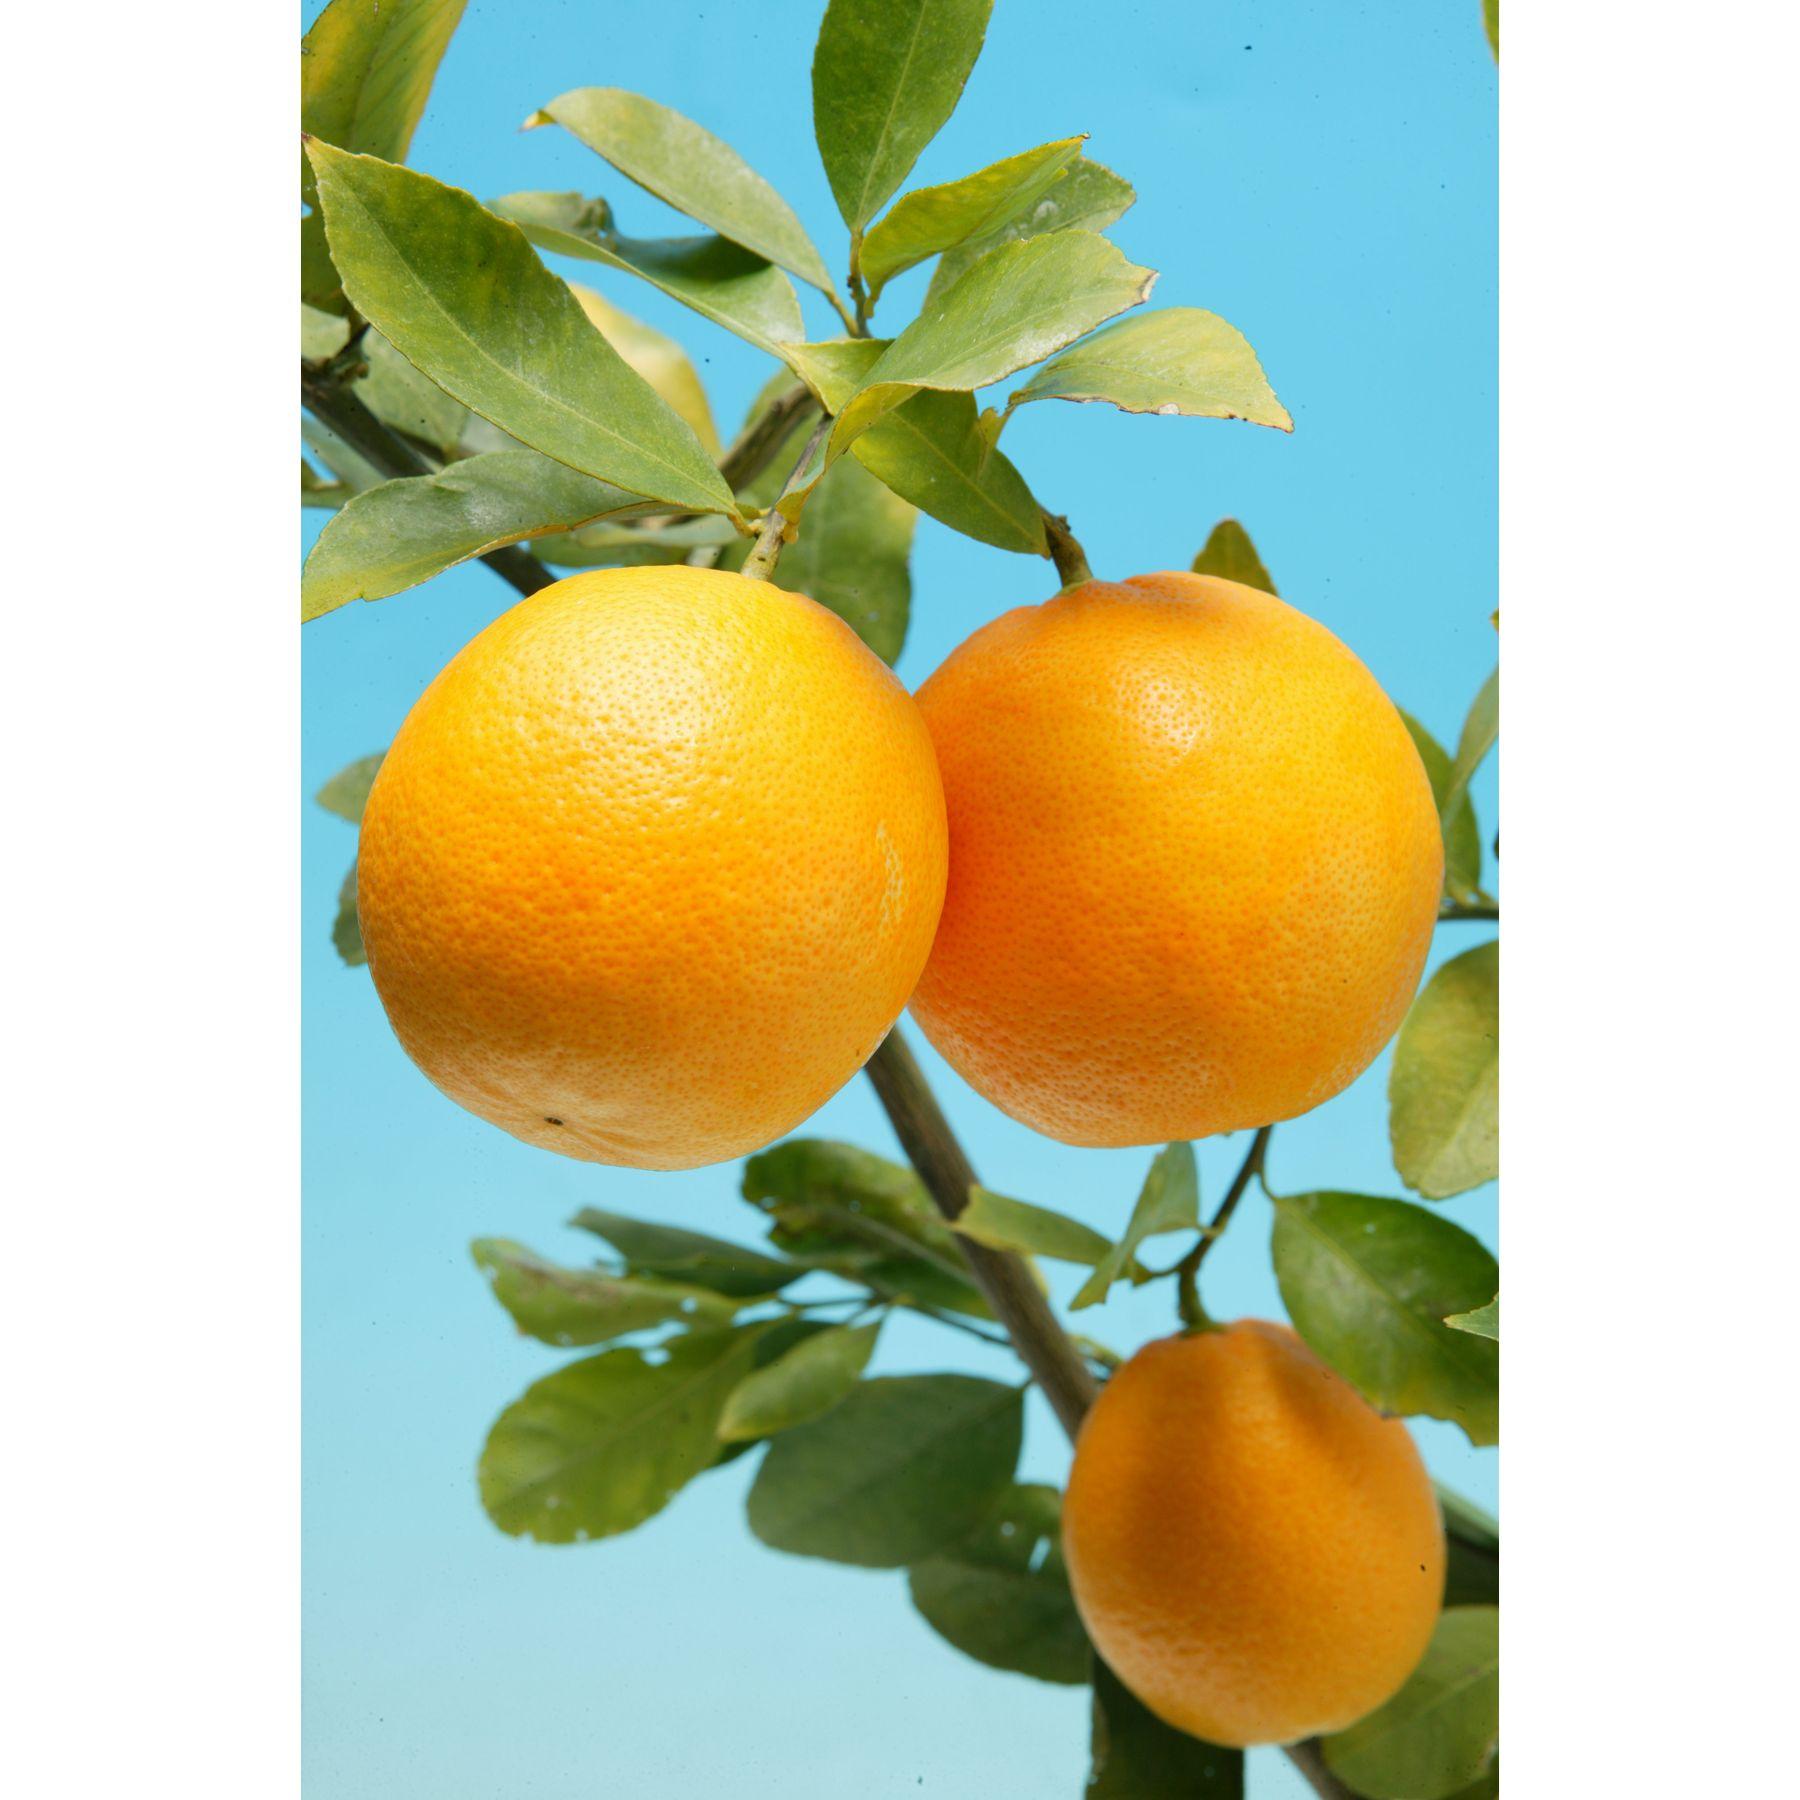 甘~いレモン!人気の果樹苗! レモン スイートレモネード 3号 苗2株 - 1